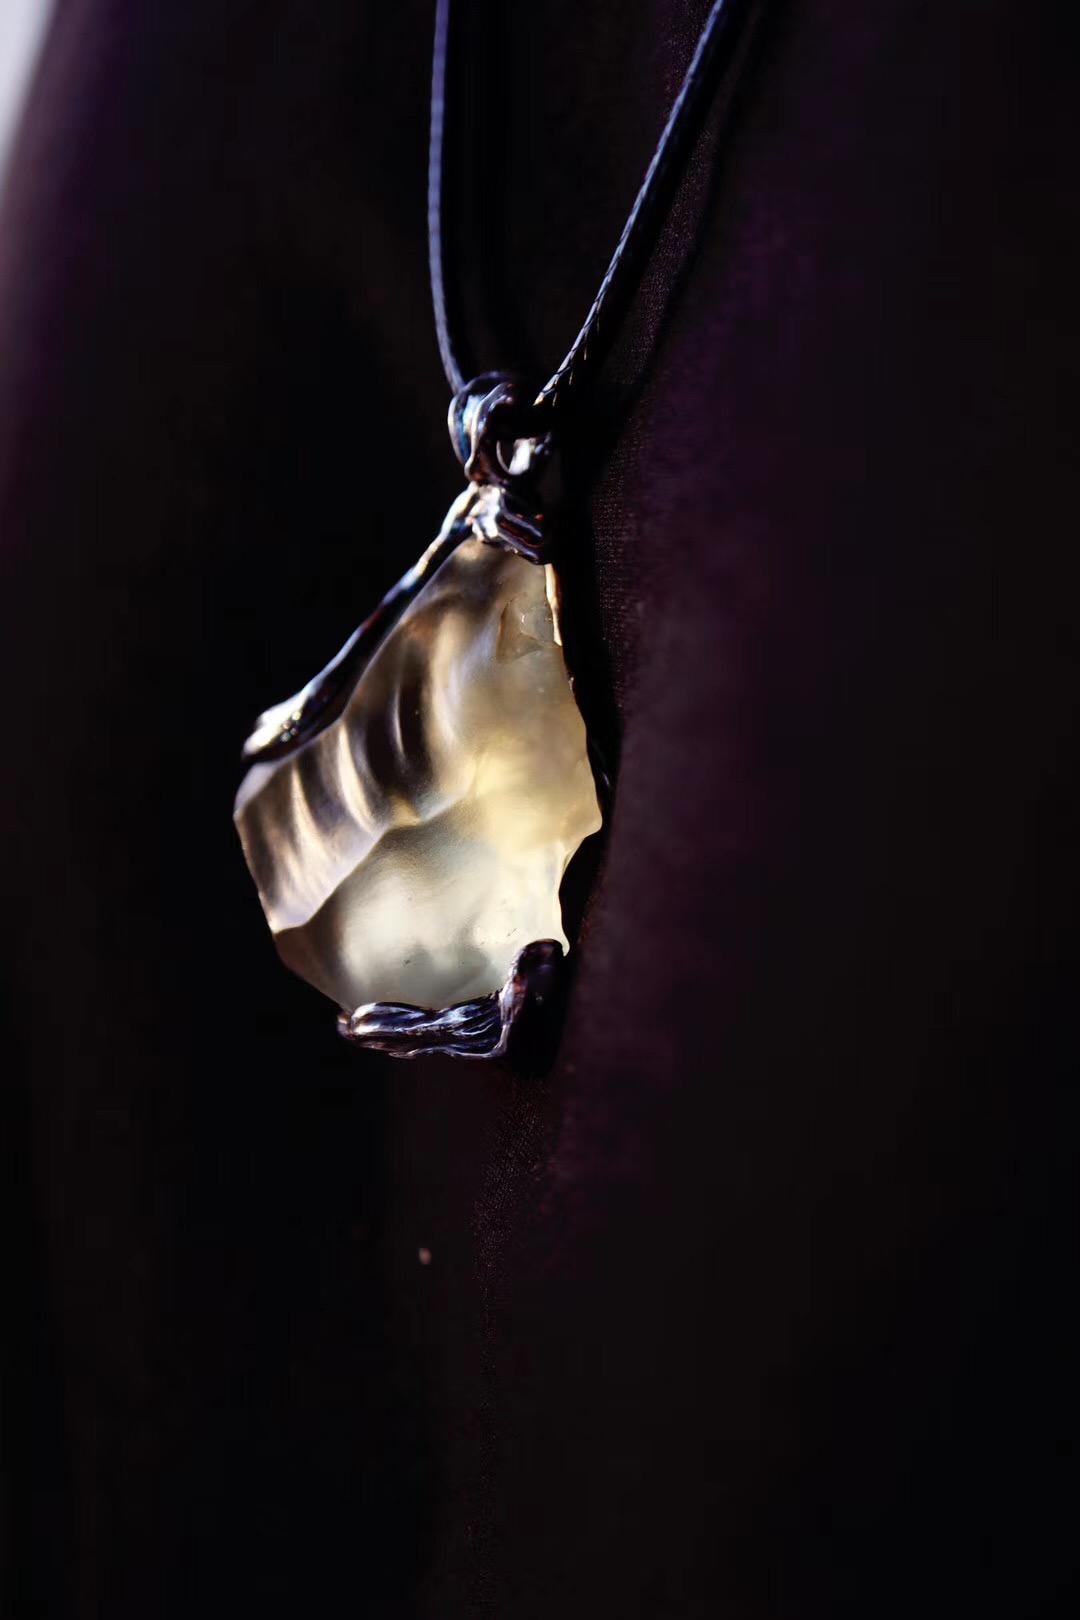 【利比亚黄金陨石&客订】这颗黄金陨石的纹路,散发的就是这调-菩心晶舍